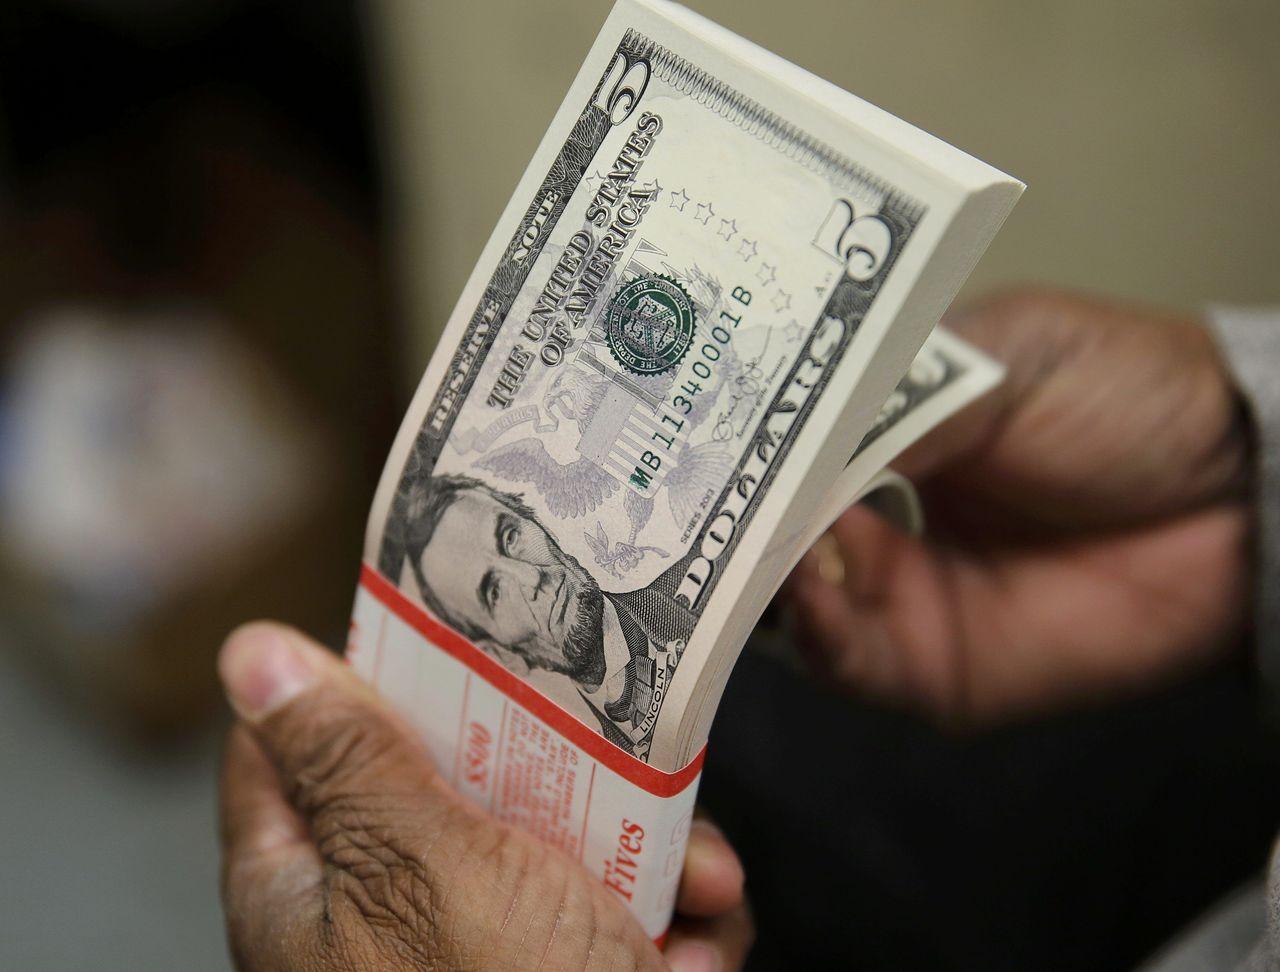 部分市場人士對於稅改能帶給美國多大經濟成長仍表質疑。(路透)